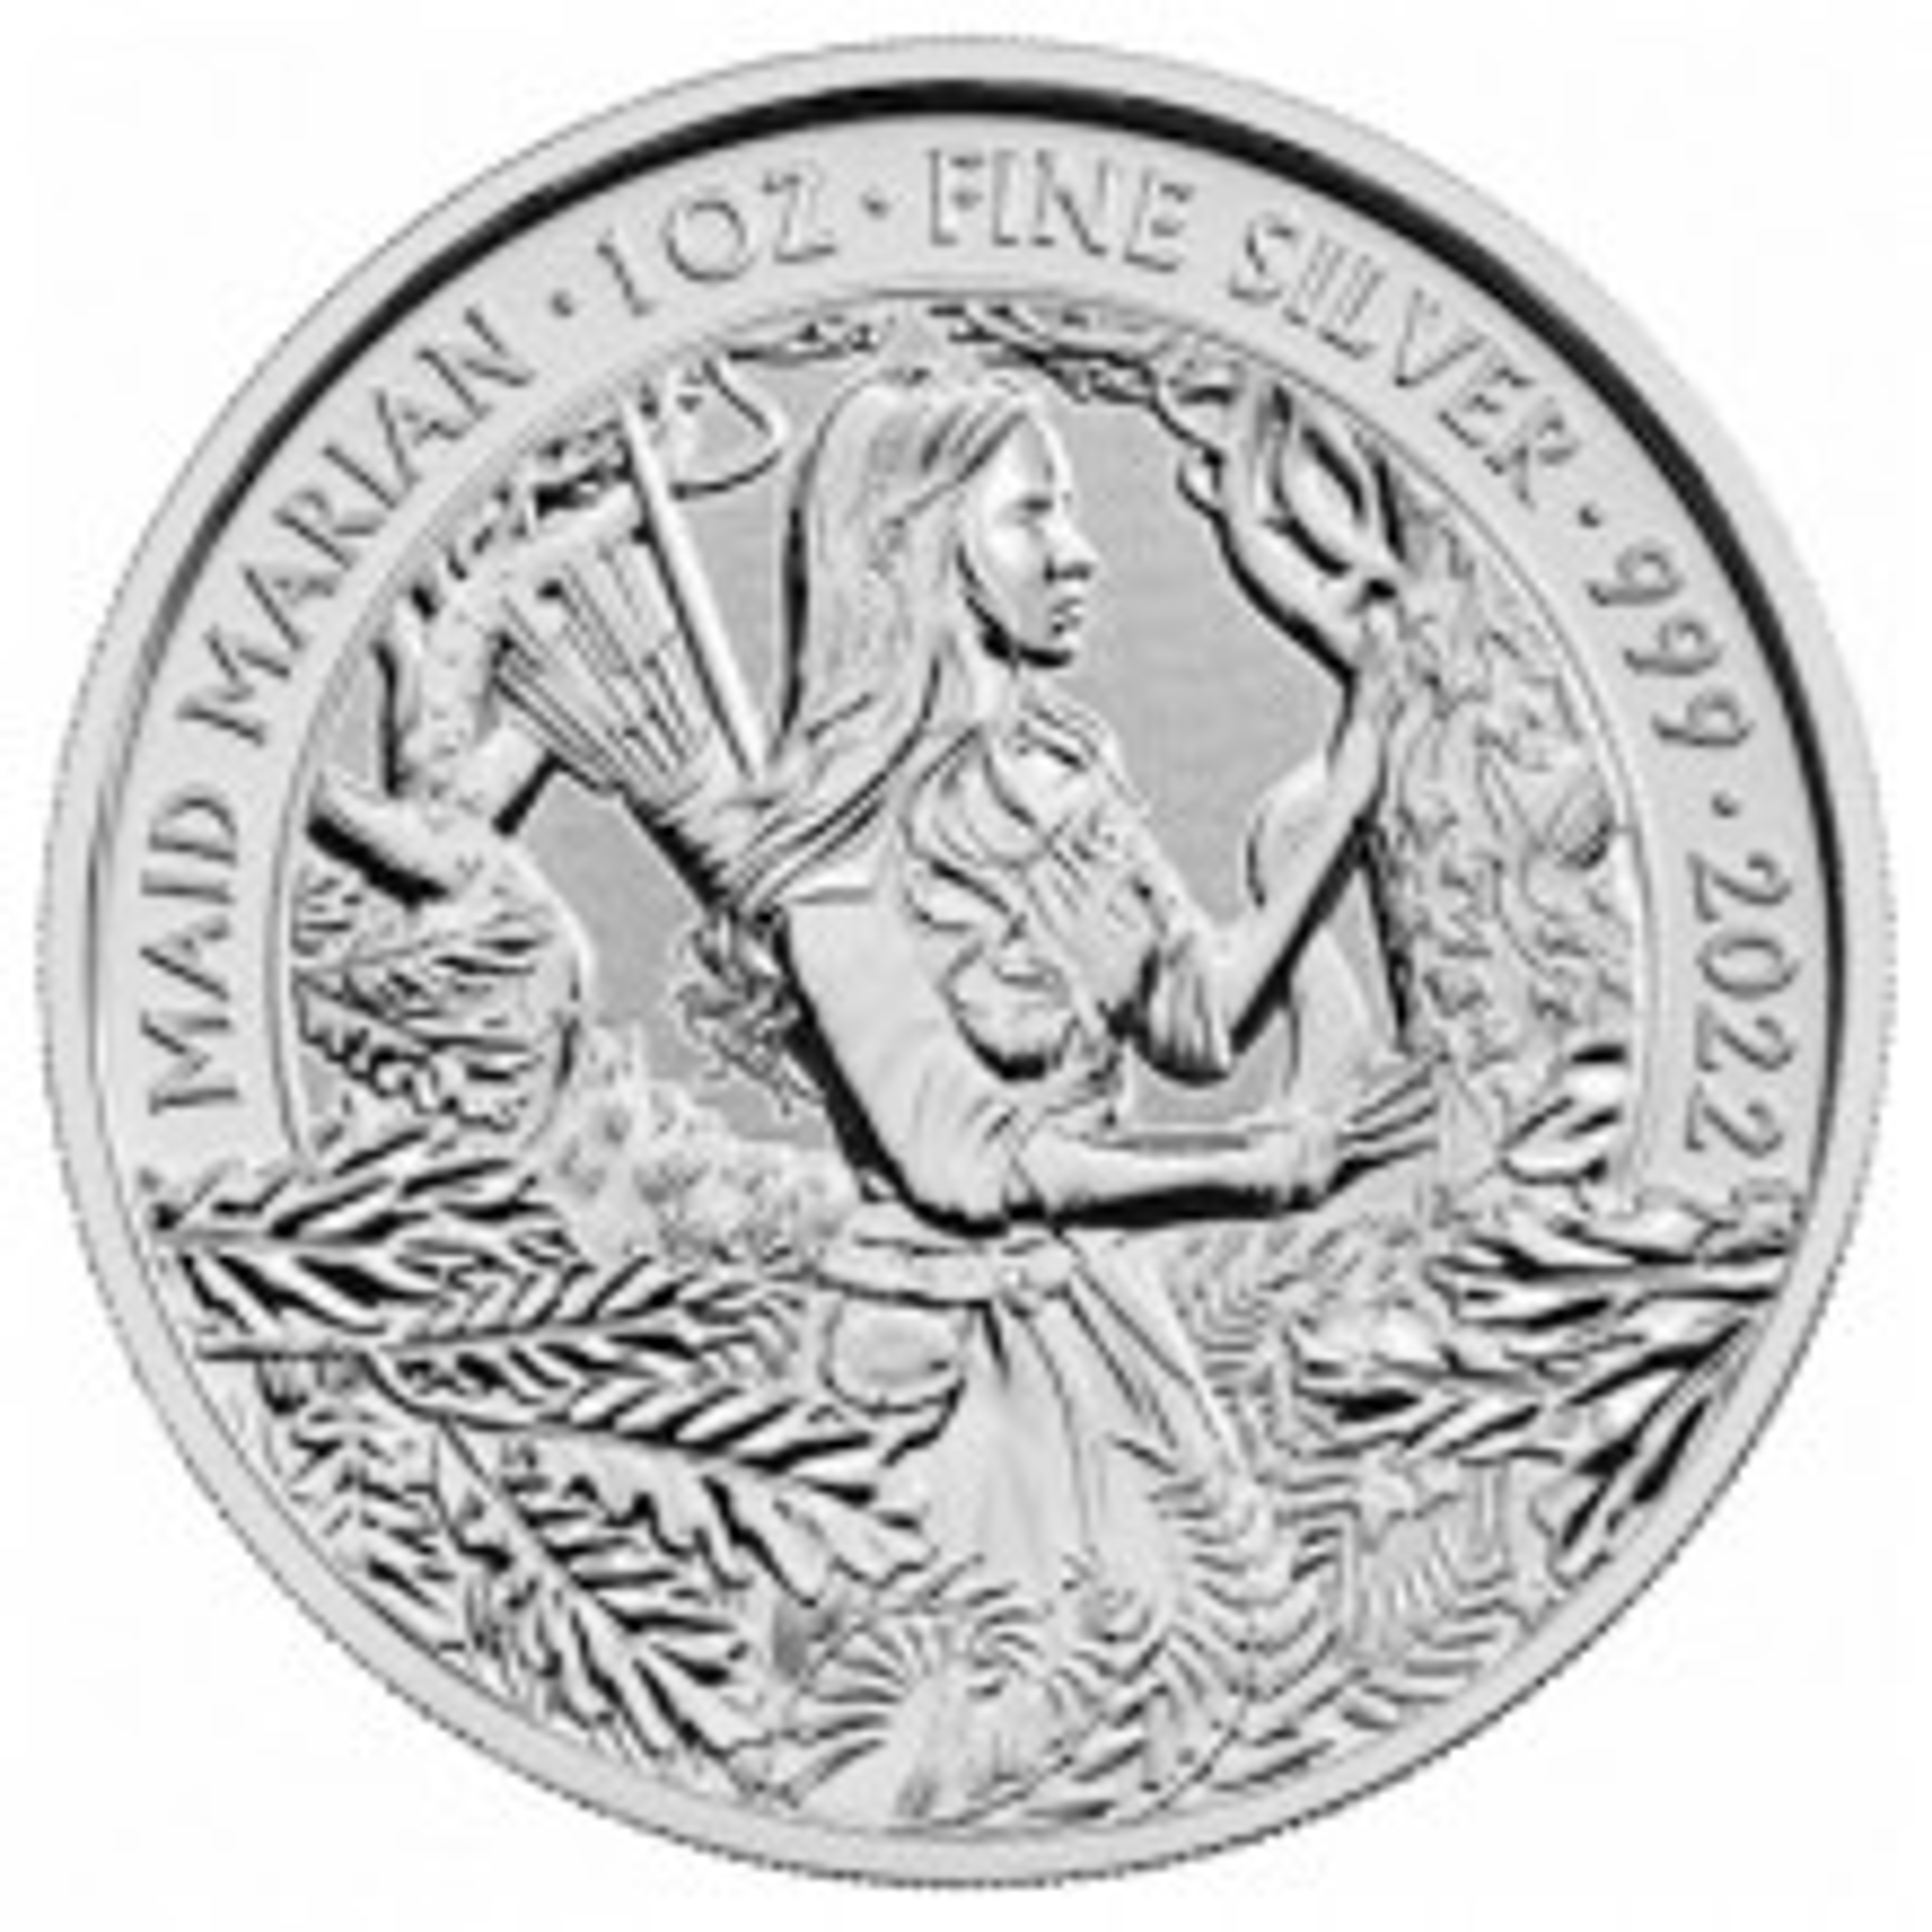 1 troy ounce silver coin Maid Marian 2022